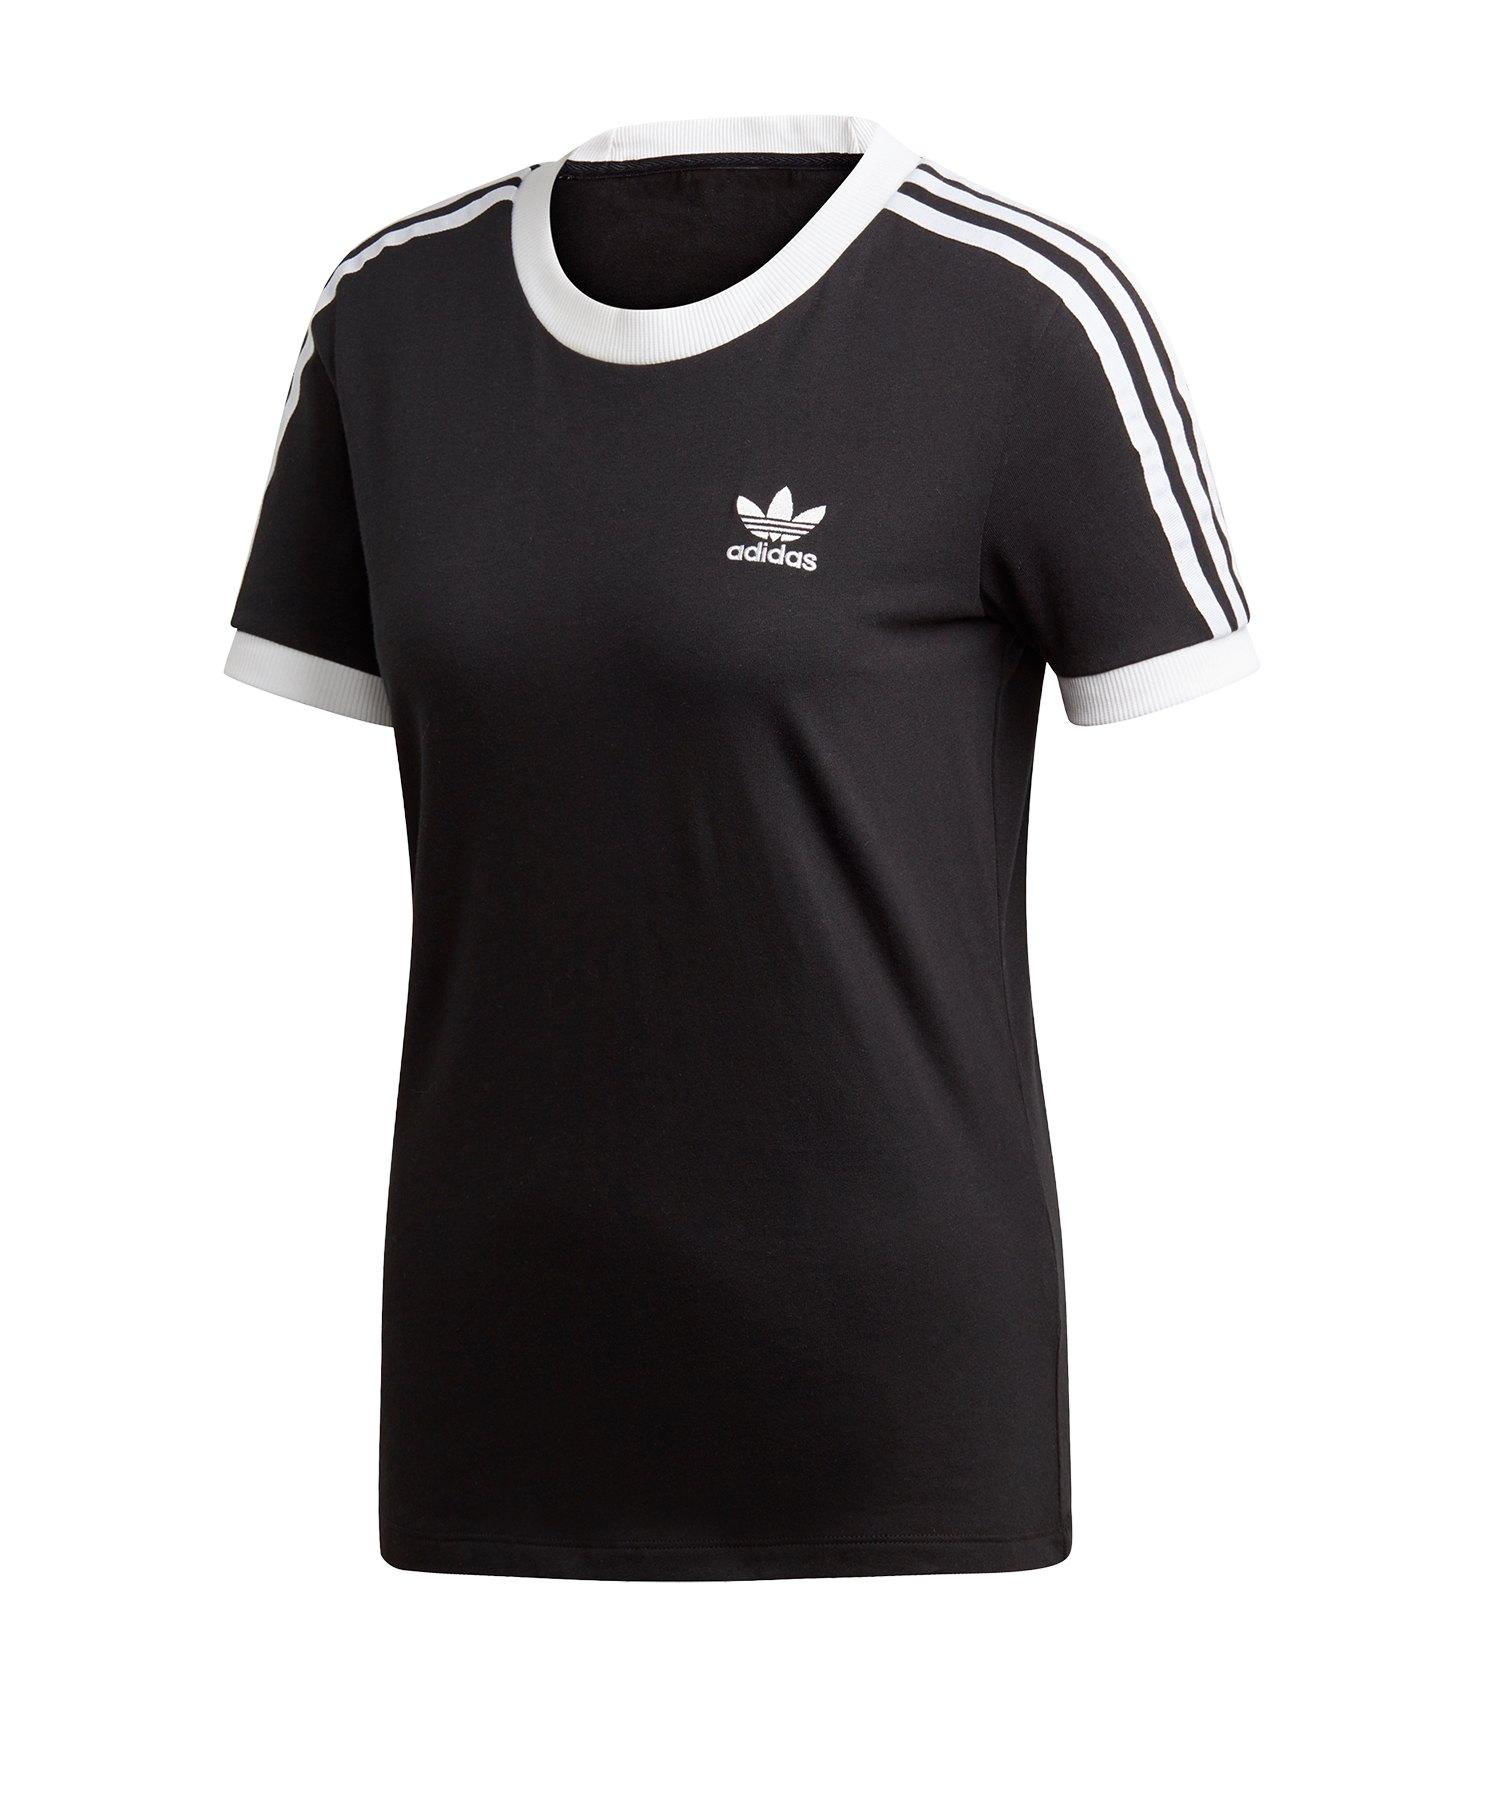 adidas Originals T Shirt T Shirt für Damen Schwarz